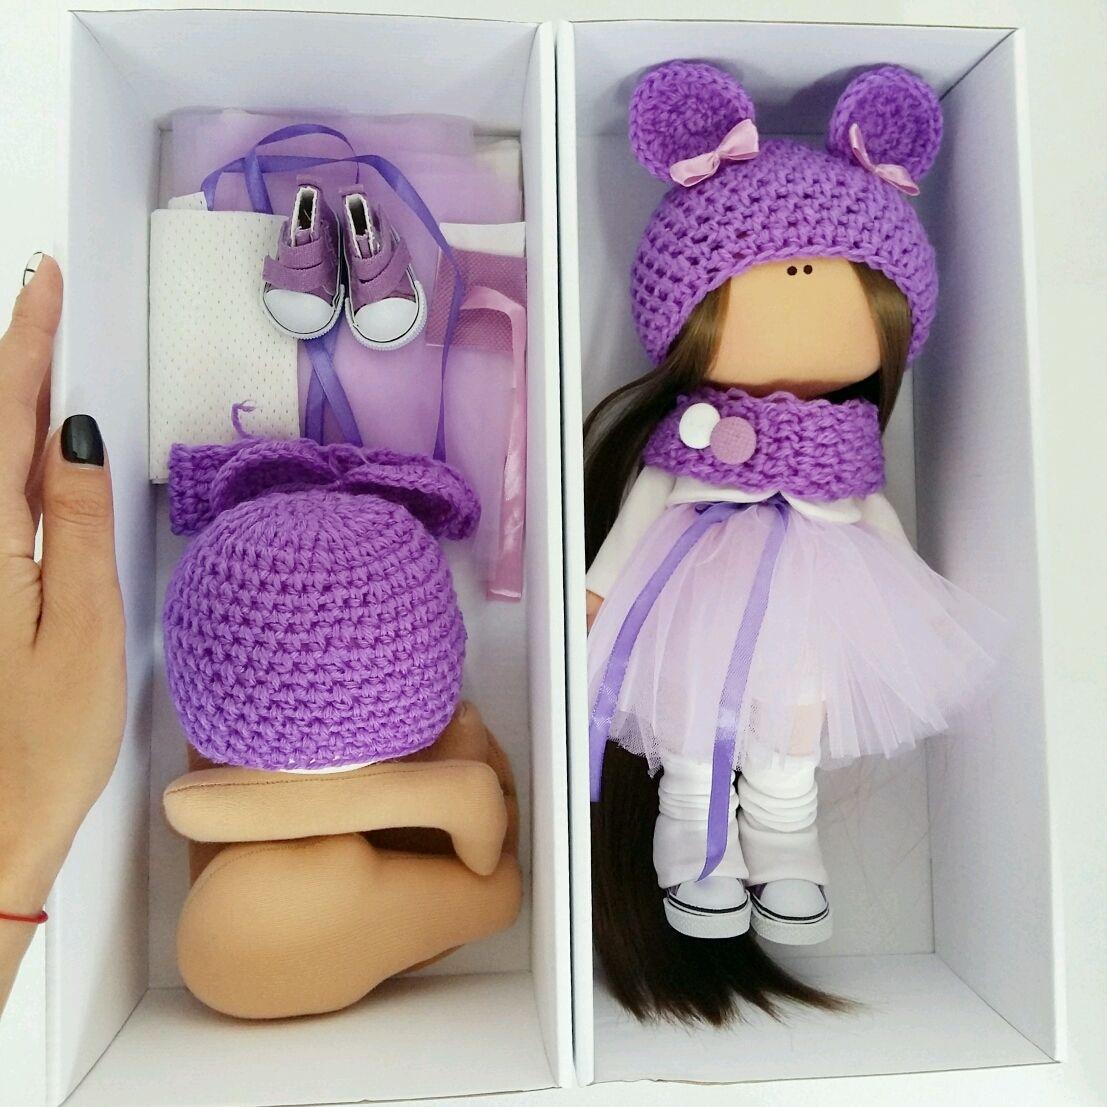 Куклы своими руками в минске 69